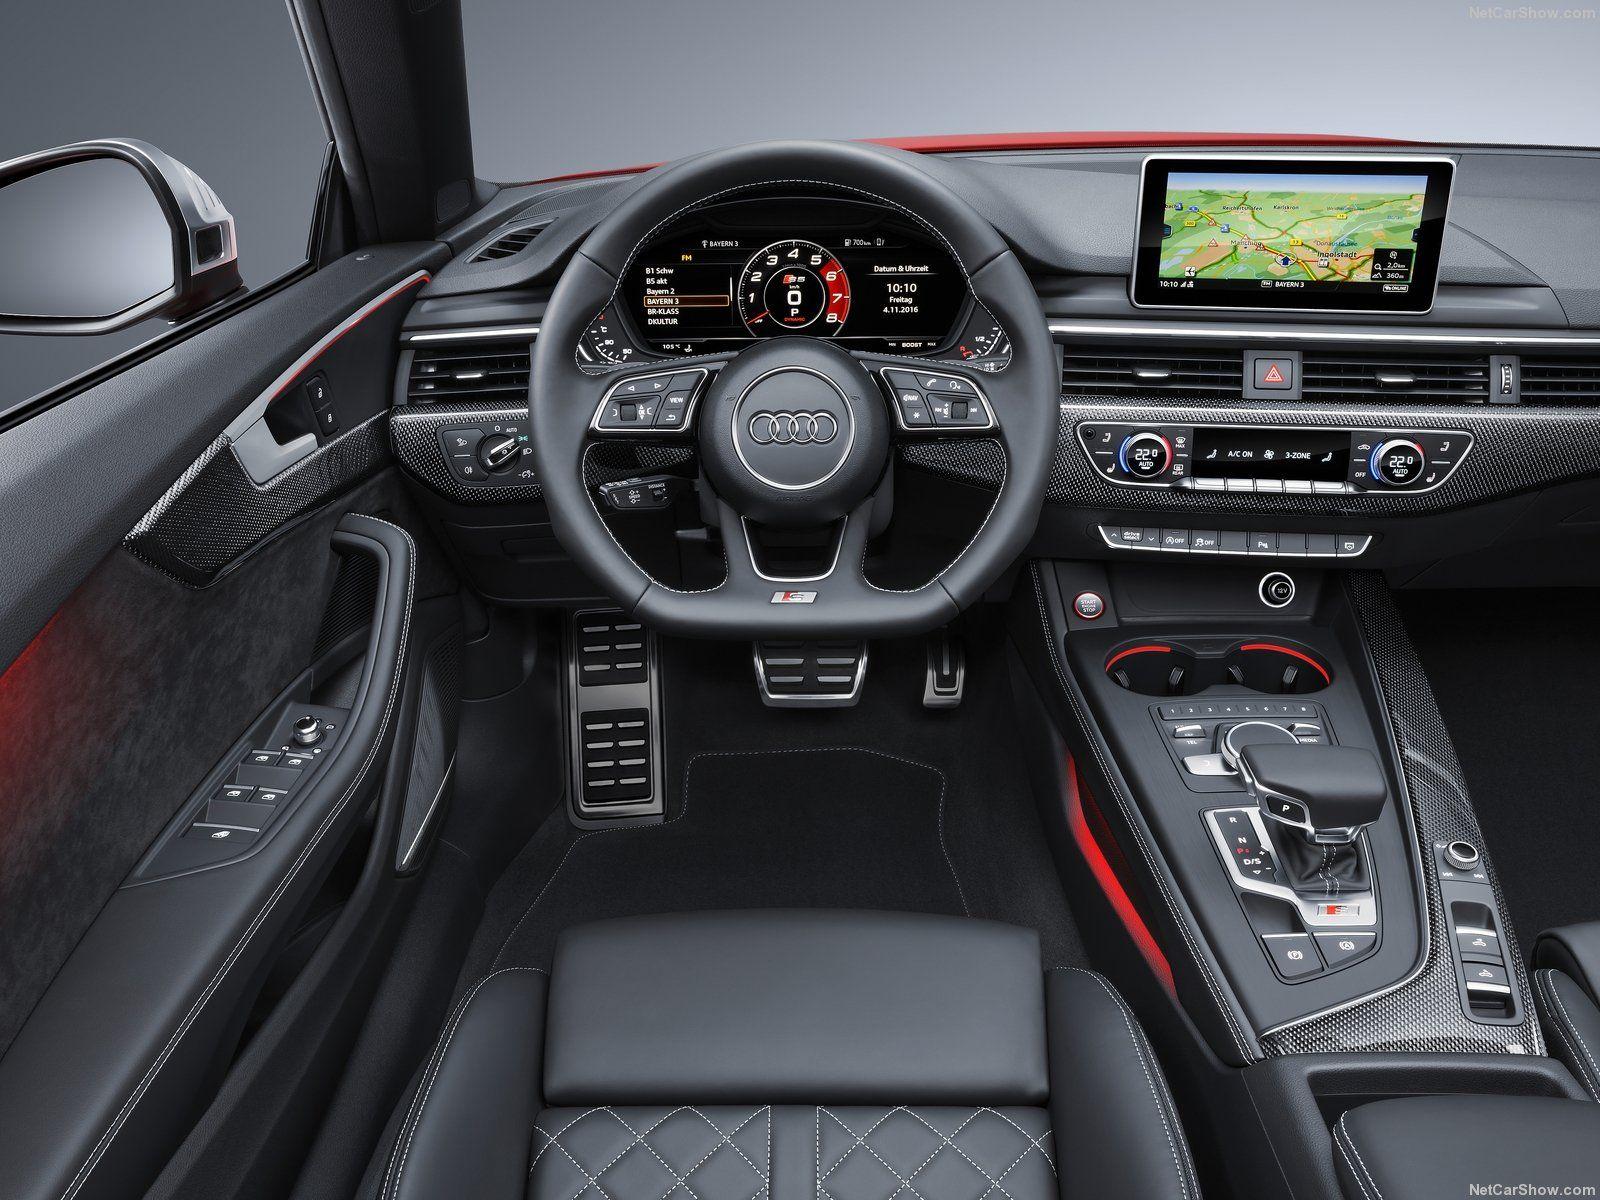 Audi S5 Cabrio Interior | Buszok, kamionok és autók | Pinterest